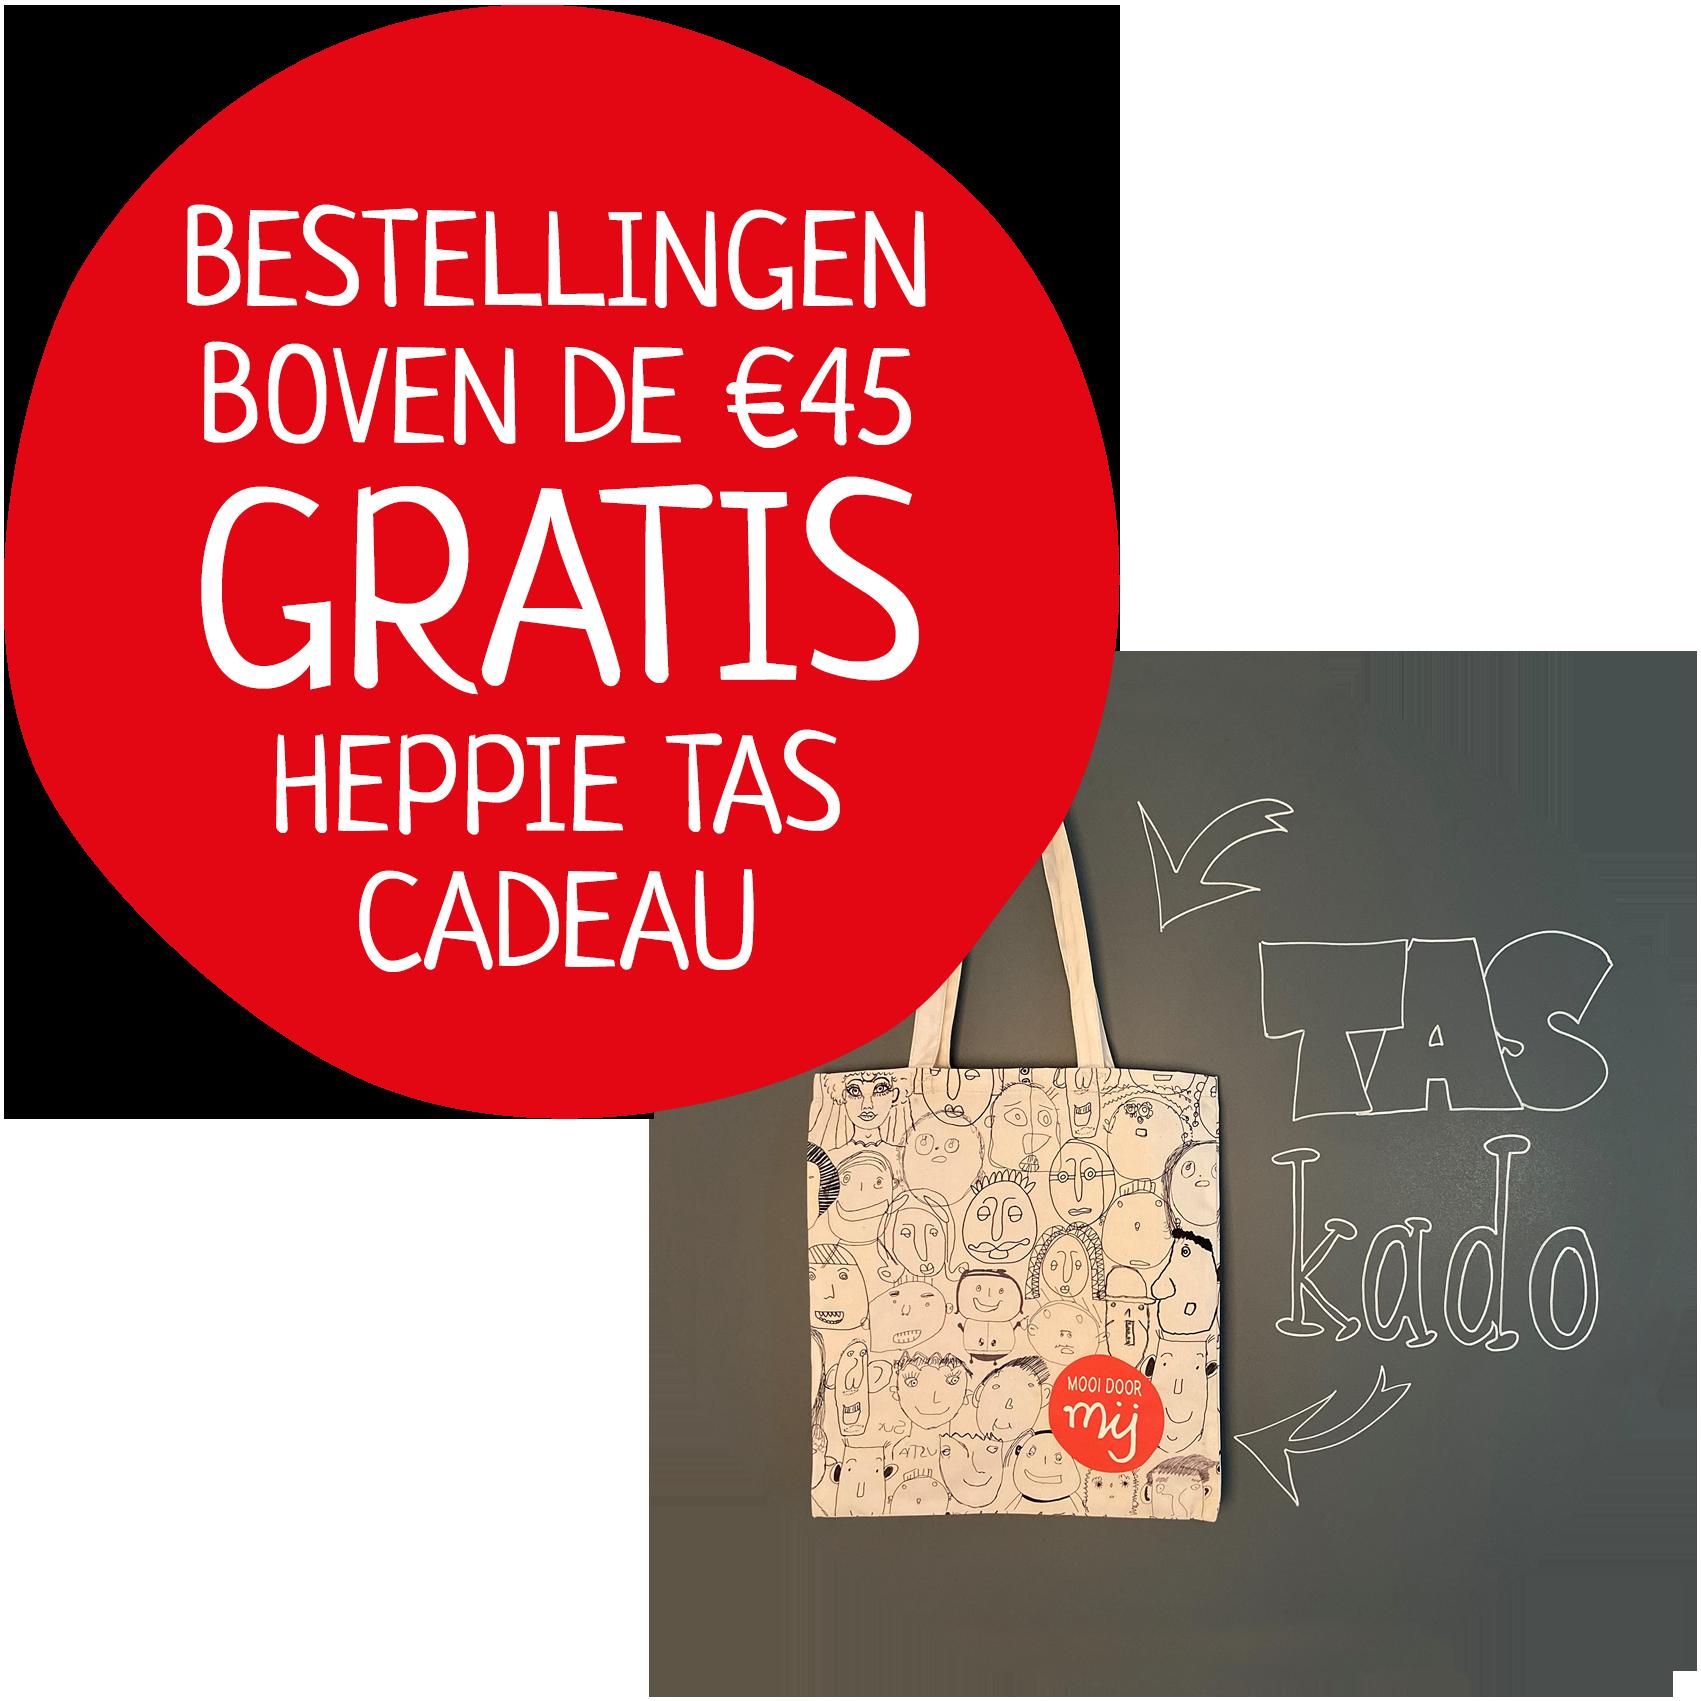 bij bestelling boven €45 een gratis tas kado